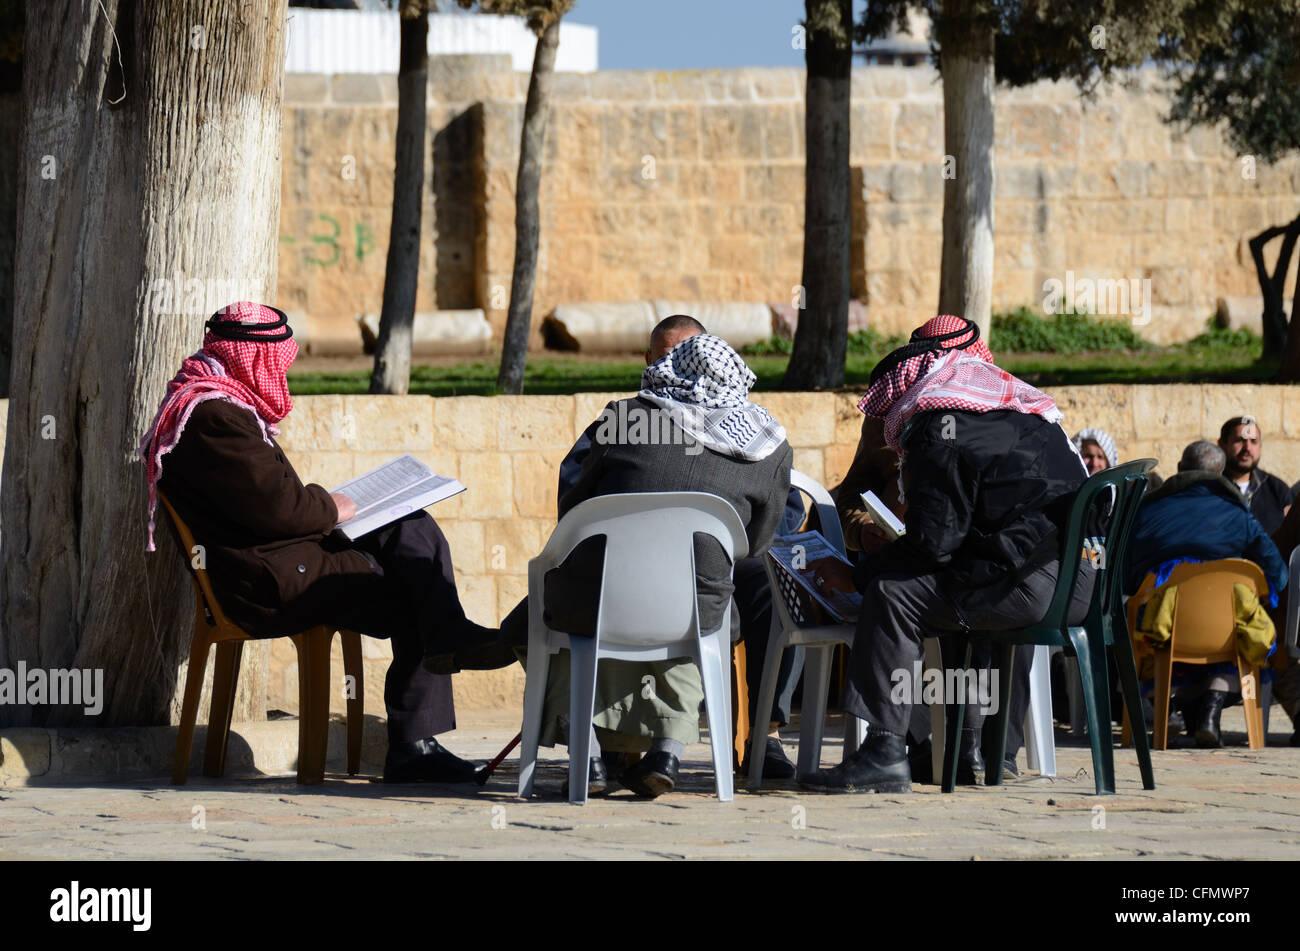 Discusión religiosa islámica en el Monte del Templo en la ciudad vieja de Jerusalén, Israel. Imagen De Stock